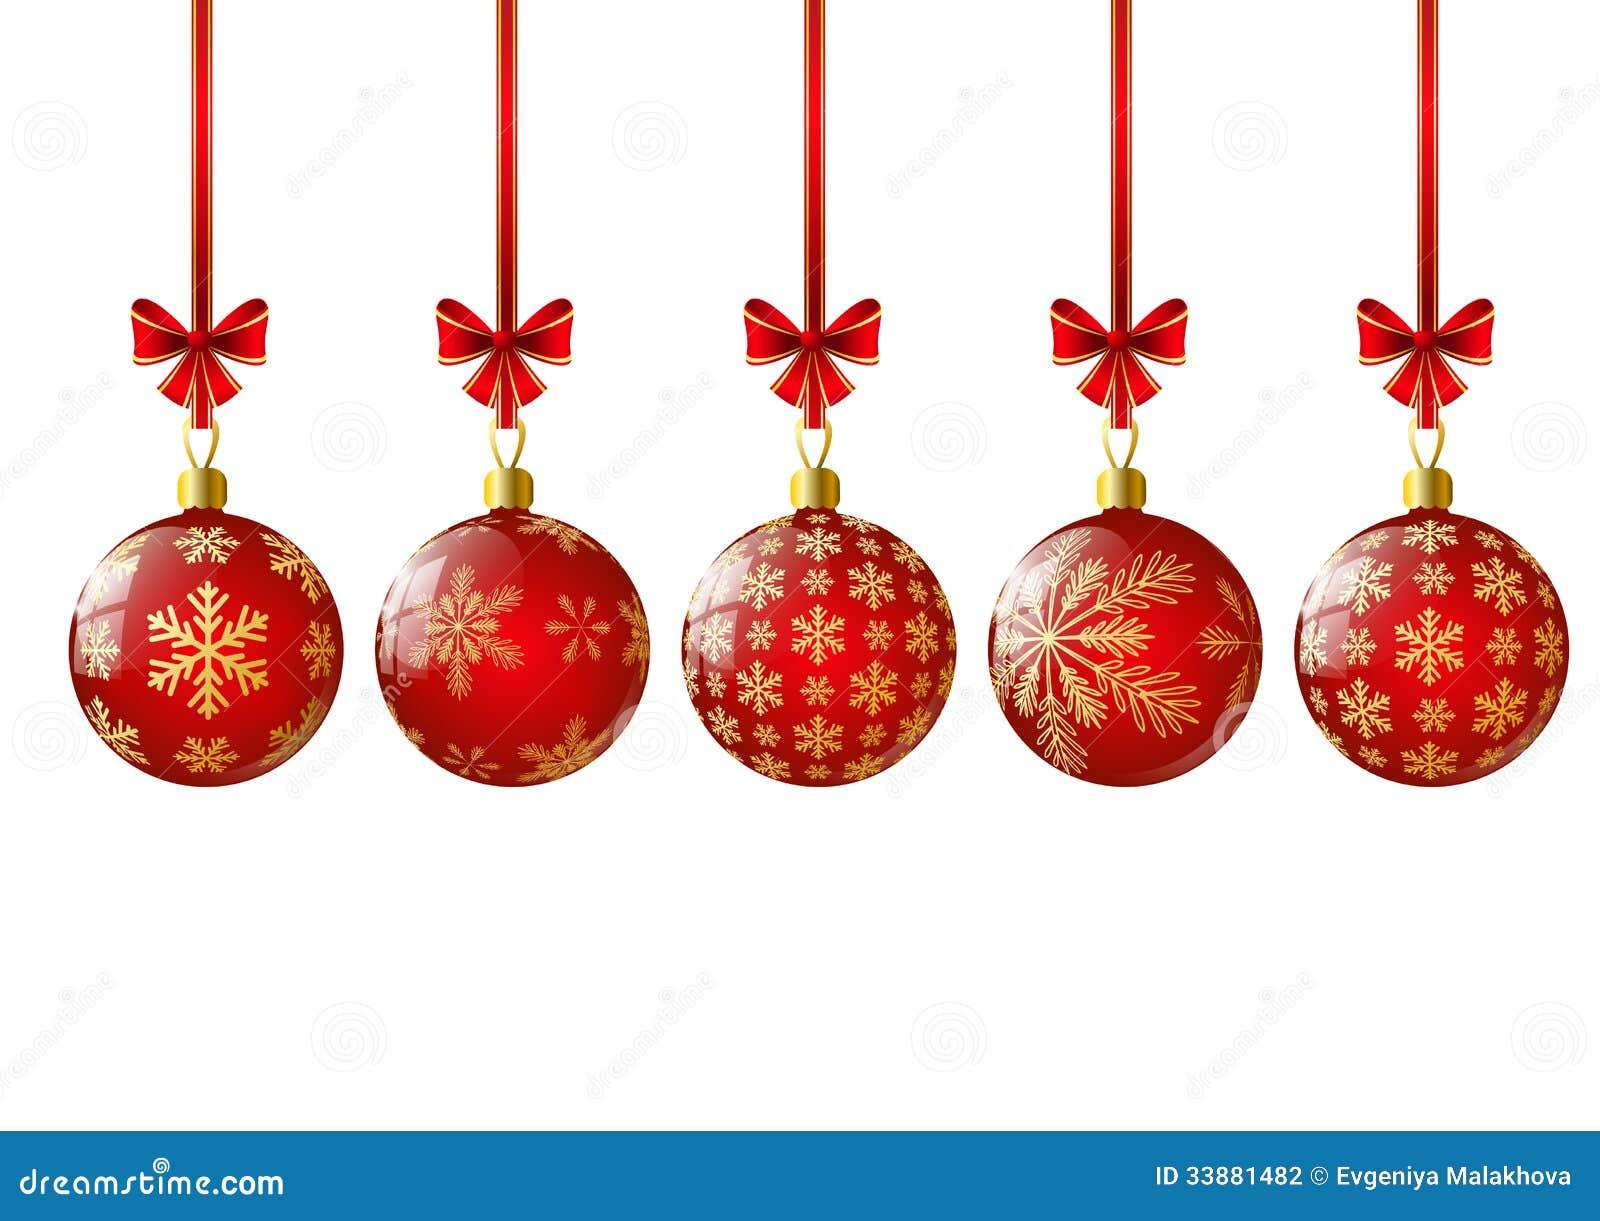 Bolas rojas de la navidad fotograf a de archivo imagen - Bolas de navidad rojas ...